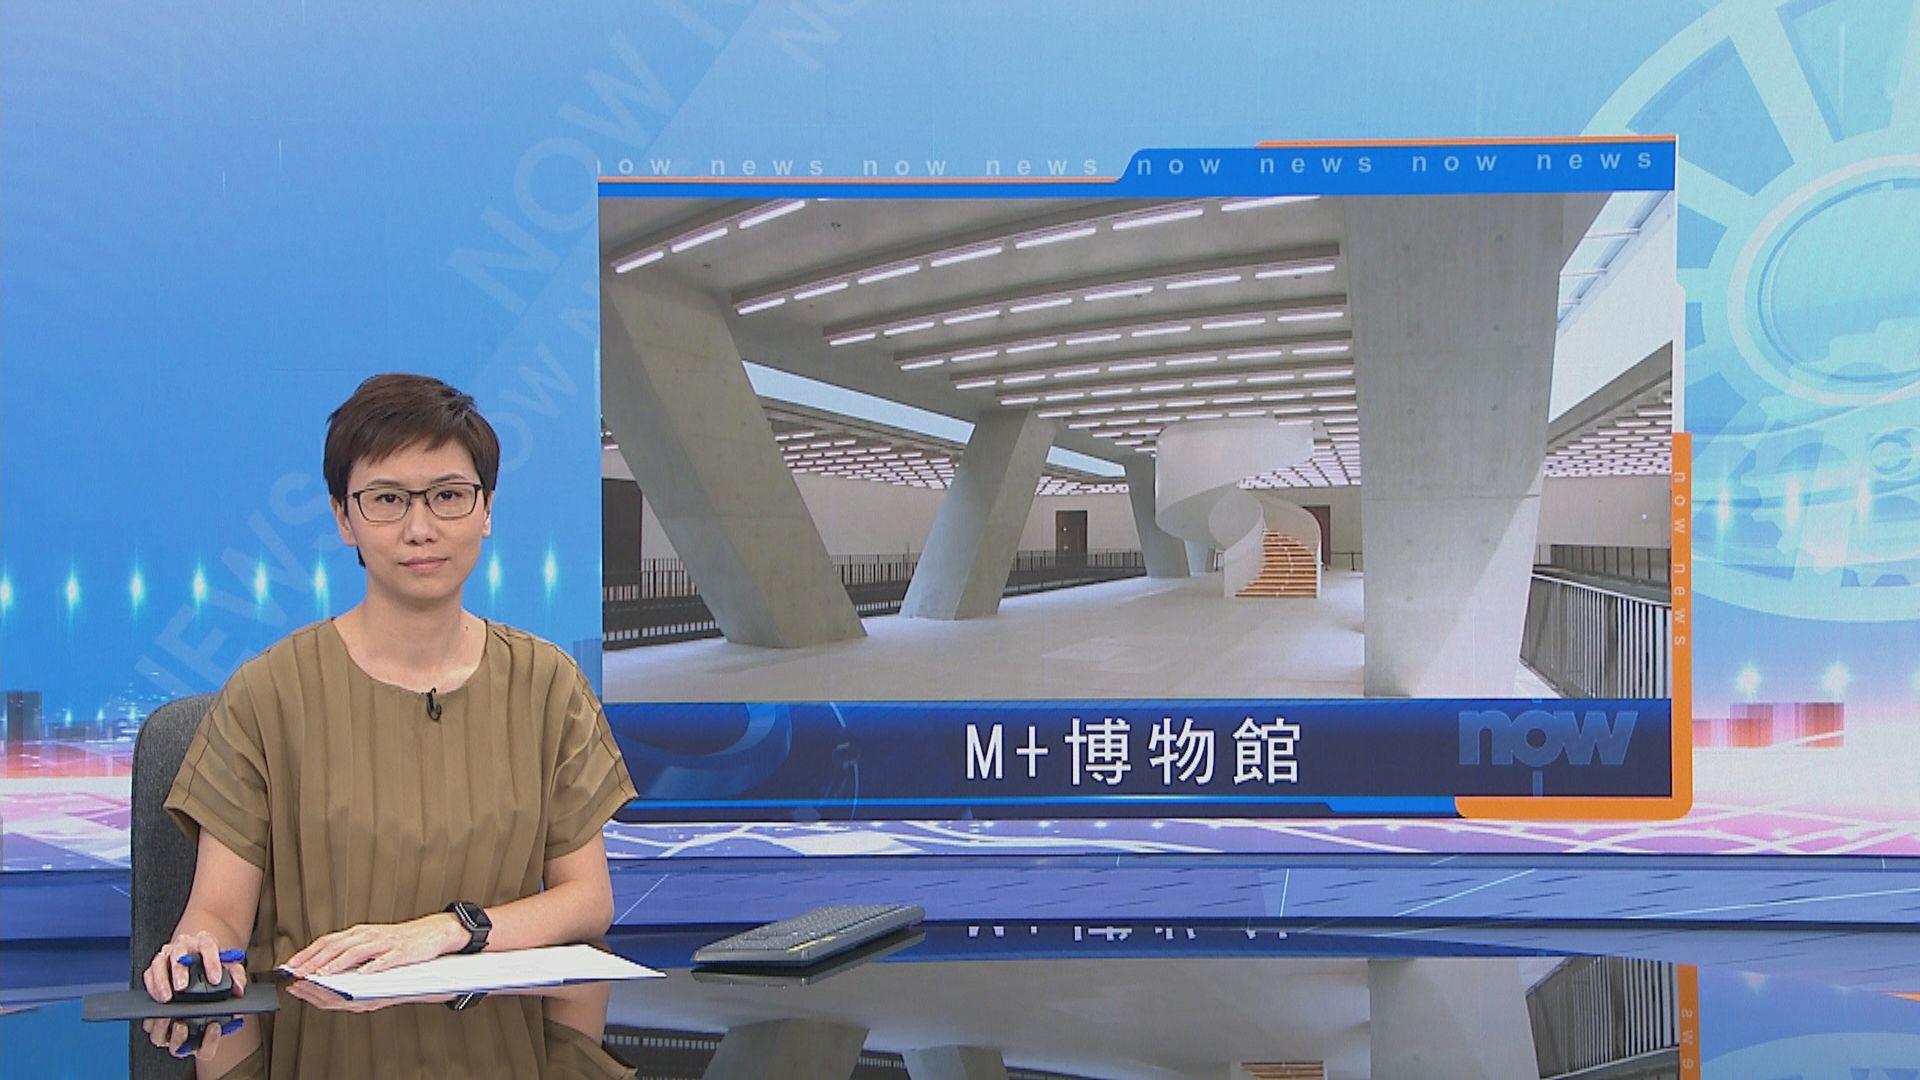 議員憂西九M+展「仇中」作 林鄭指會警惕處理